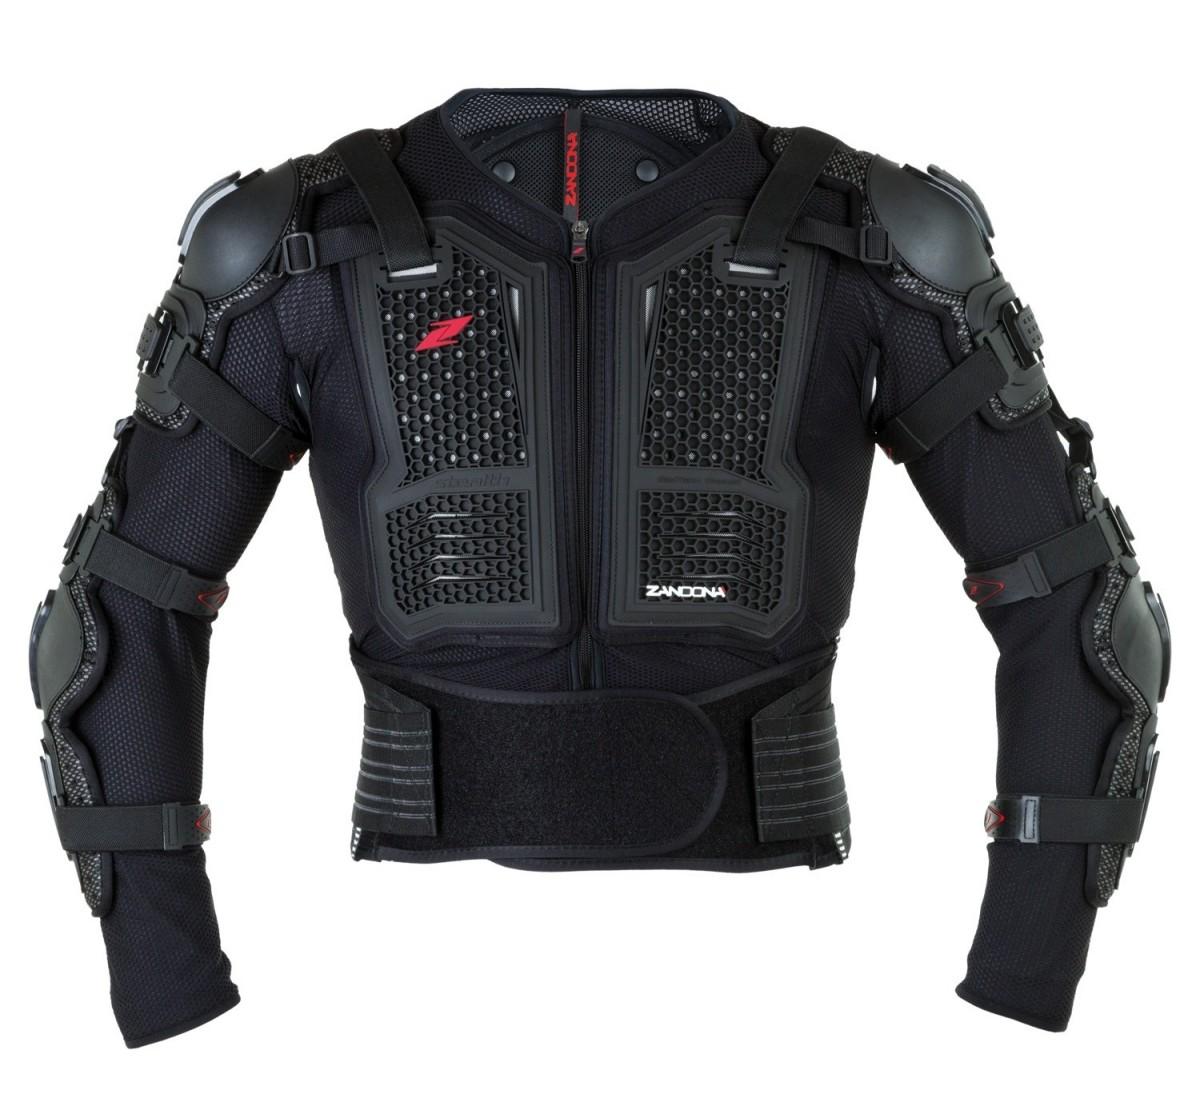 Zandona Stealth Kid protection Jacket x8